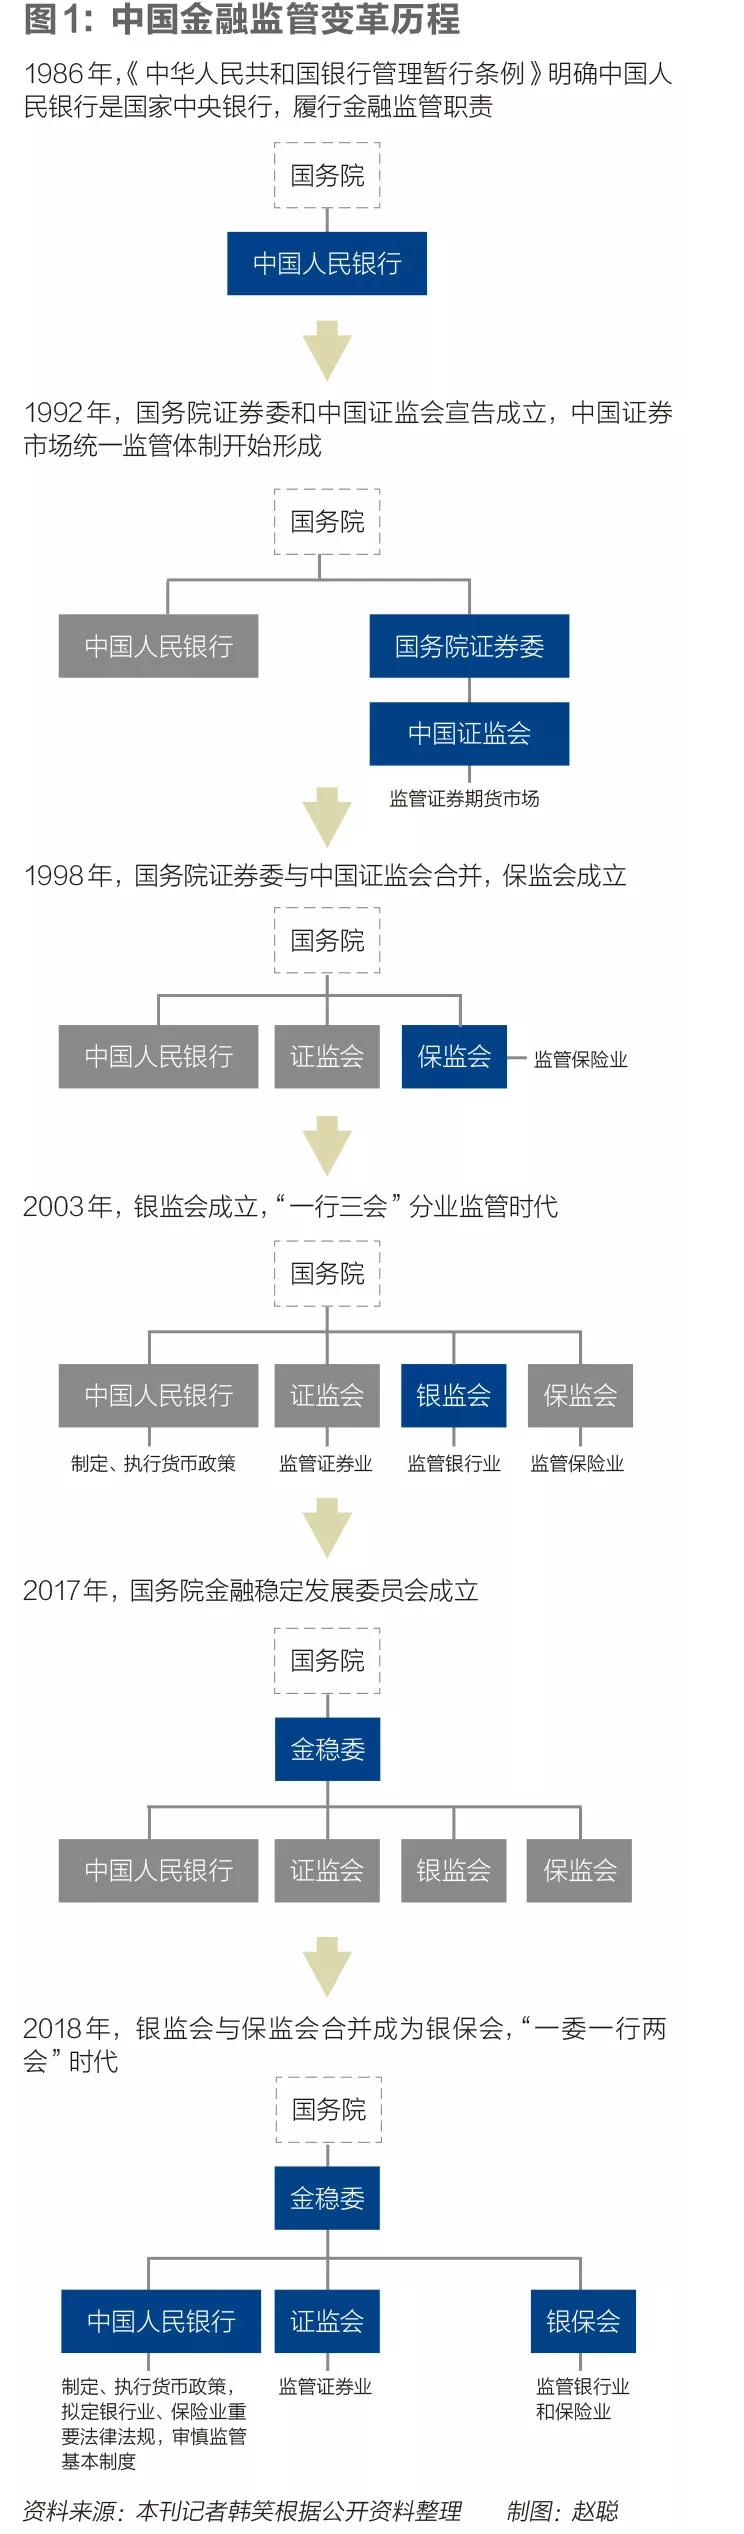 """《财经》:中国修法催生""""超级央行""""图片"""